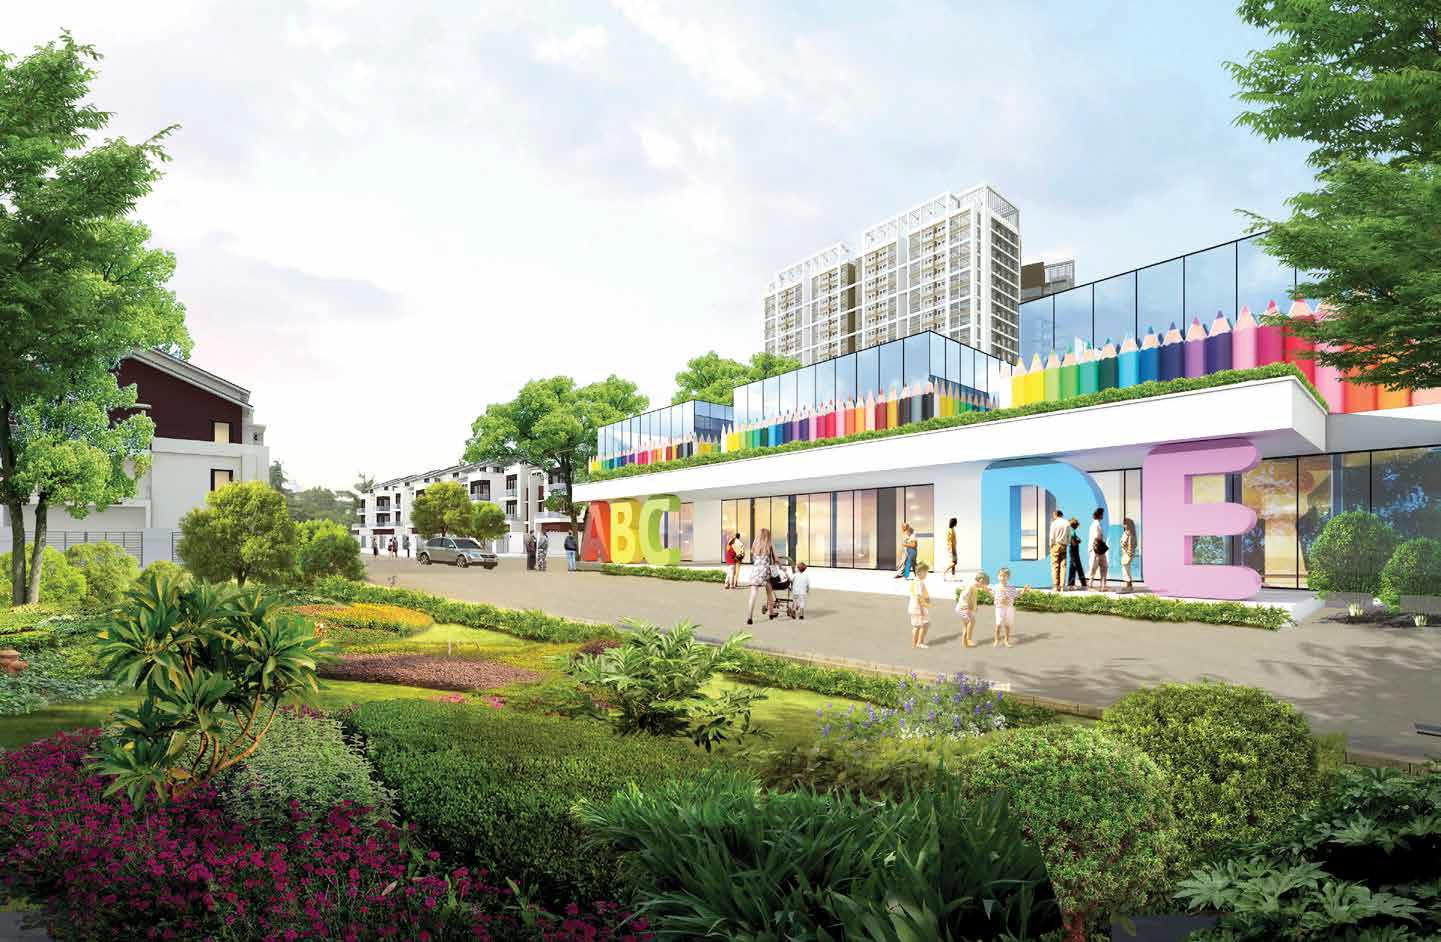 Dự án 378 Minh Khai - Hiện thực hóa giấc mơ về cuộc sống hoàn hảo